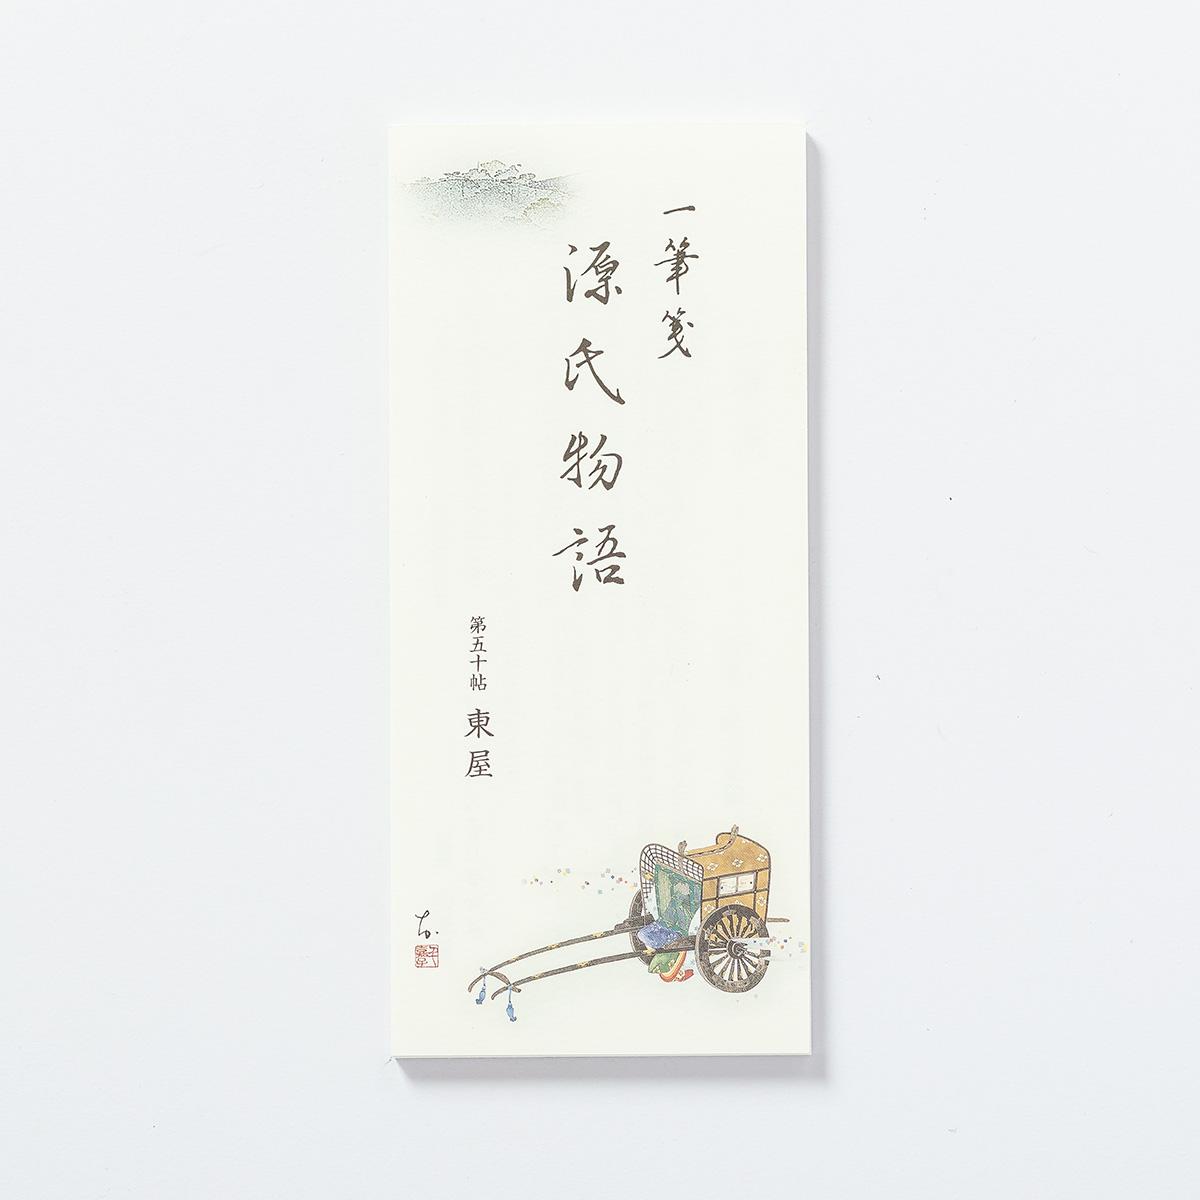 源氏物語一筆箋 第50帖「東屋」